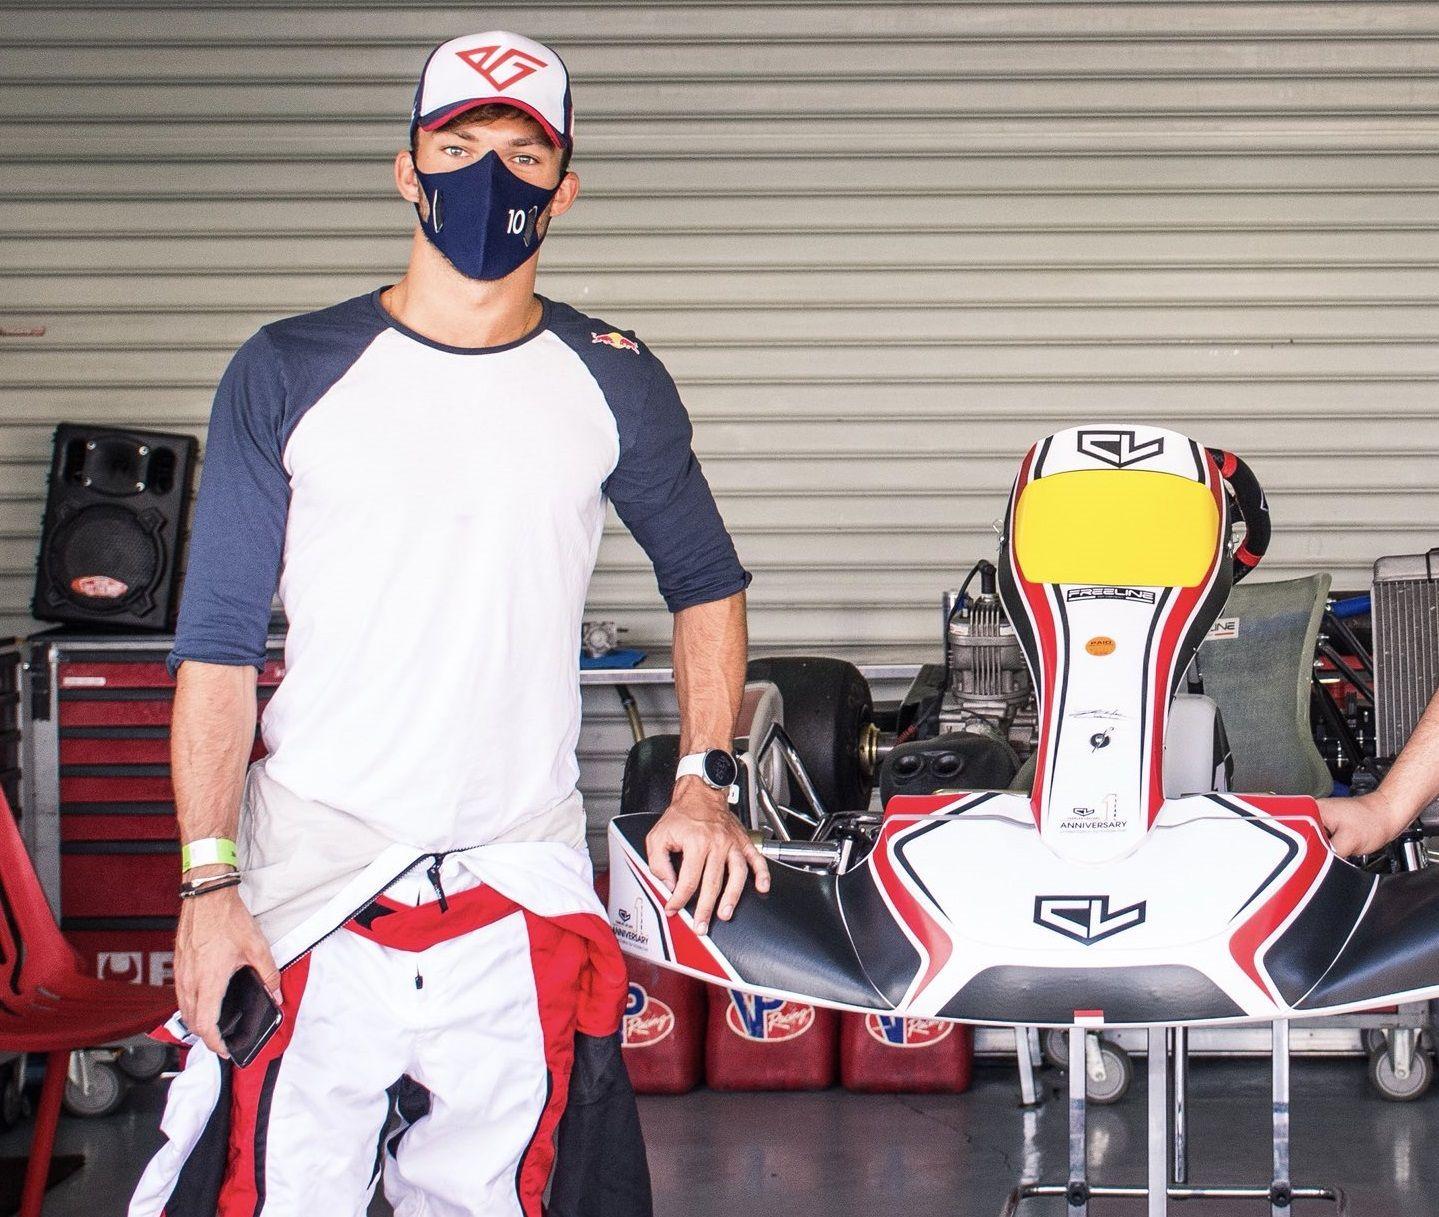 F1, Virtual GP, Pierre Gasly